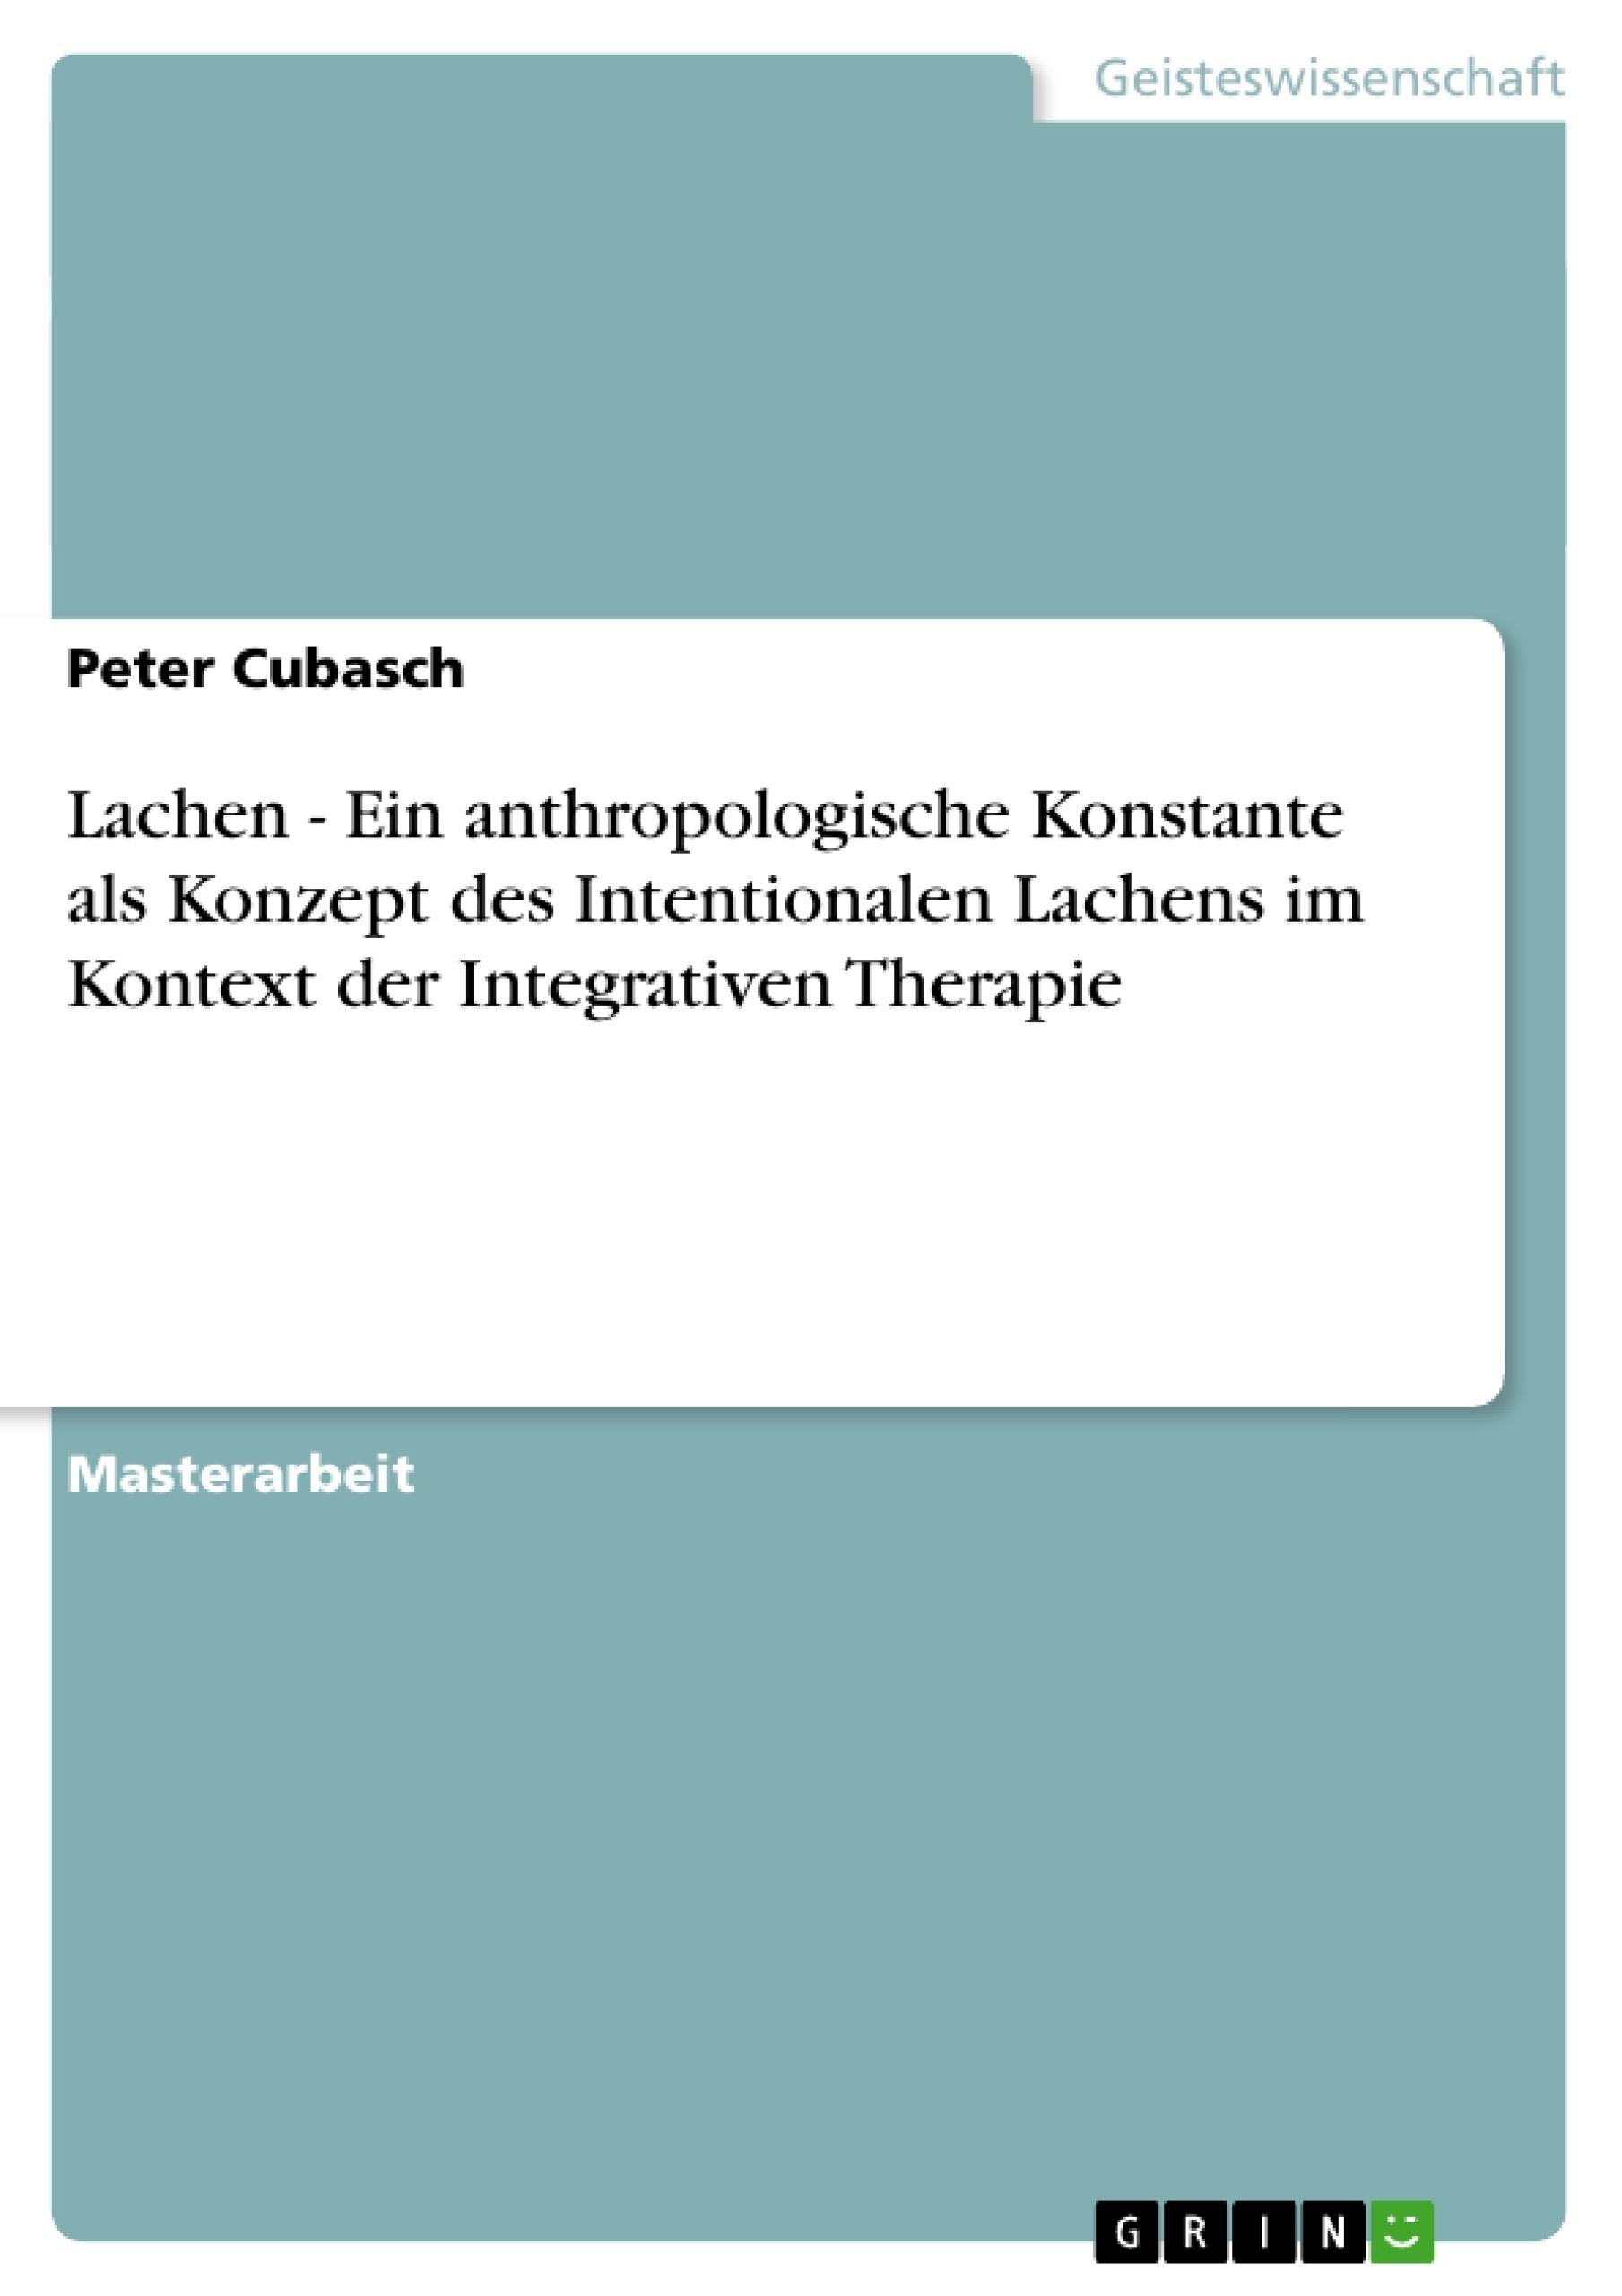 Titel: Lachen - Ein anthropologische Konstante als Konzept des Intentionalen Lachens im Kontext der Integrativen Therapie